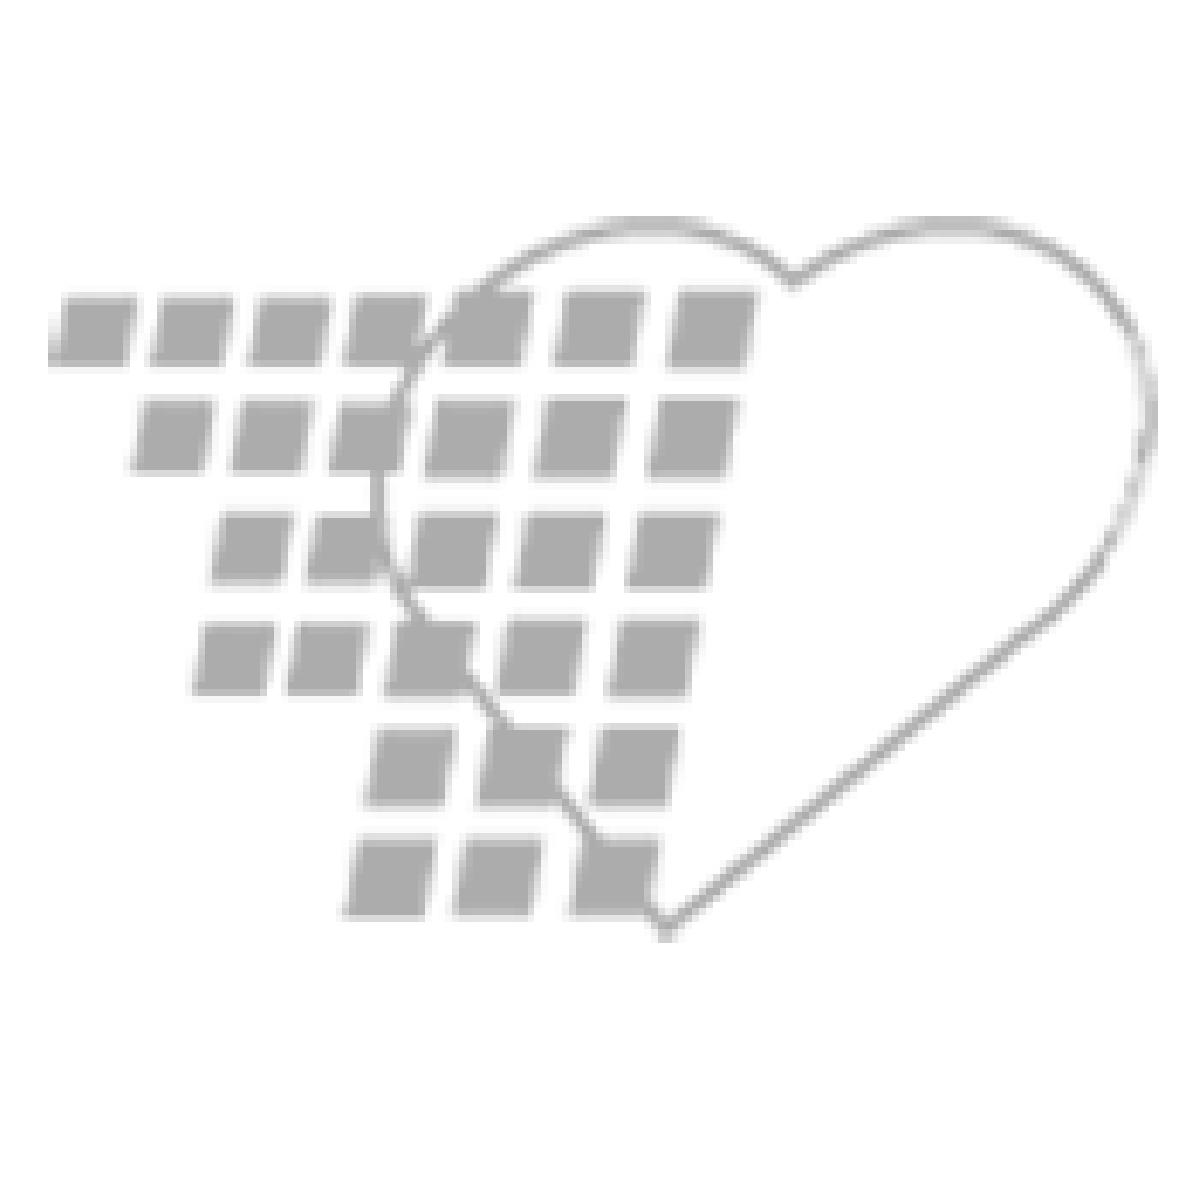 02-40-7100 Doppler Probe Only